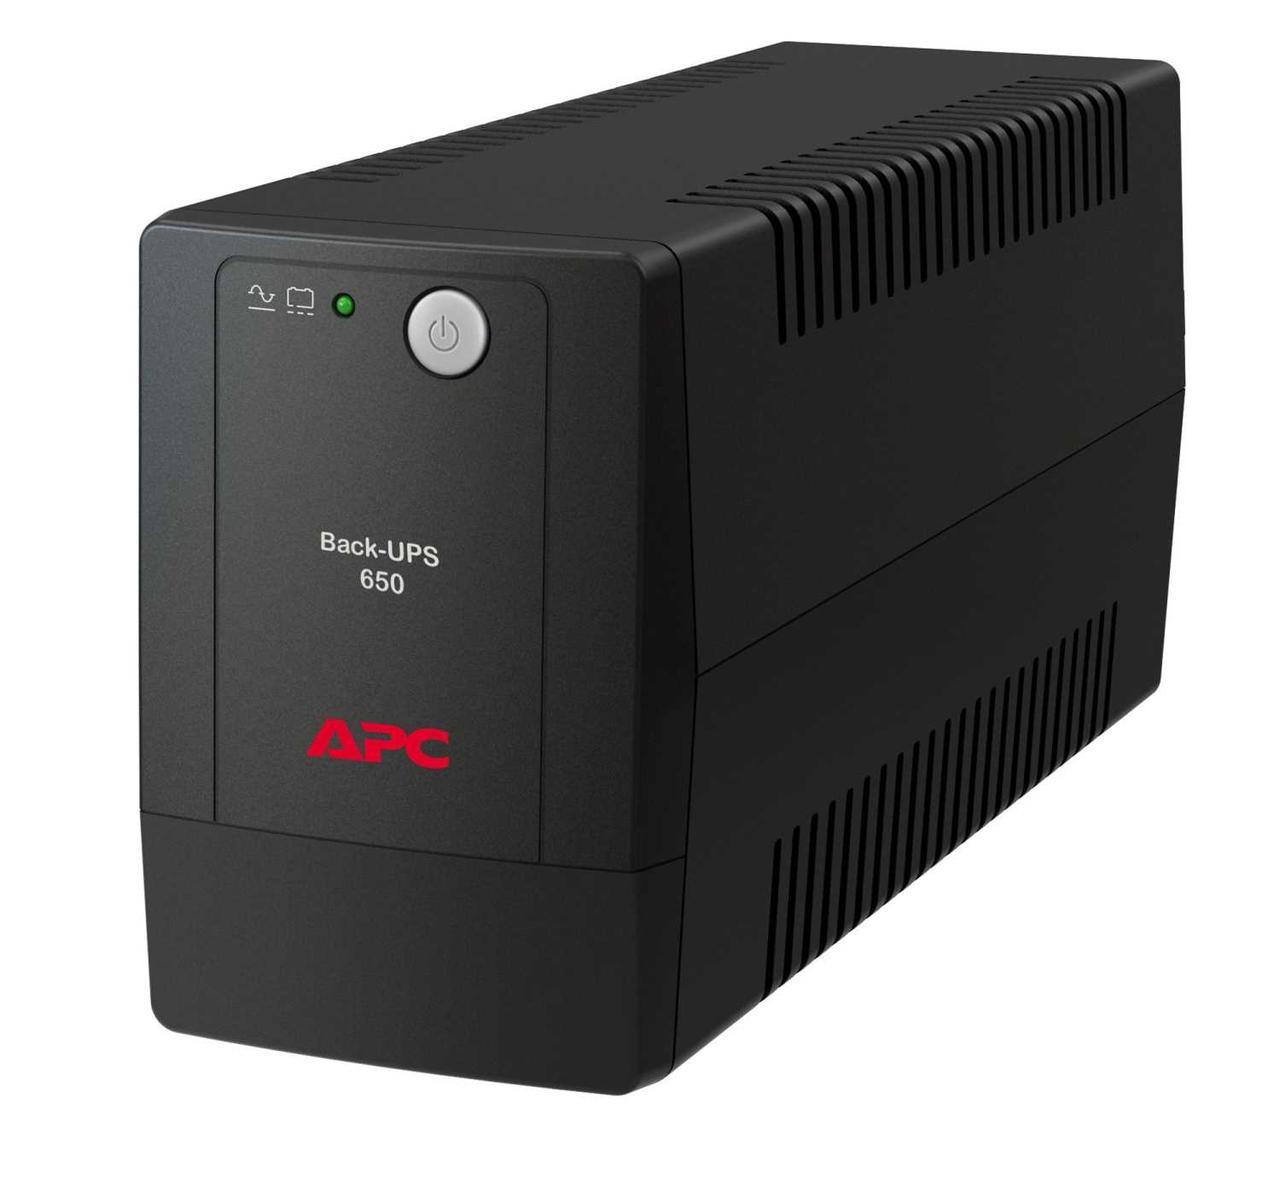 Источник бесперебойного питания APC APC Back-UPS 650VA, 230V, AVR, IEC Sockets